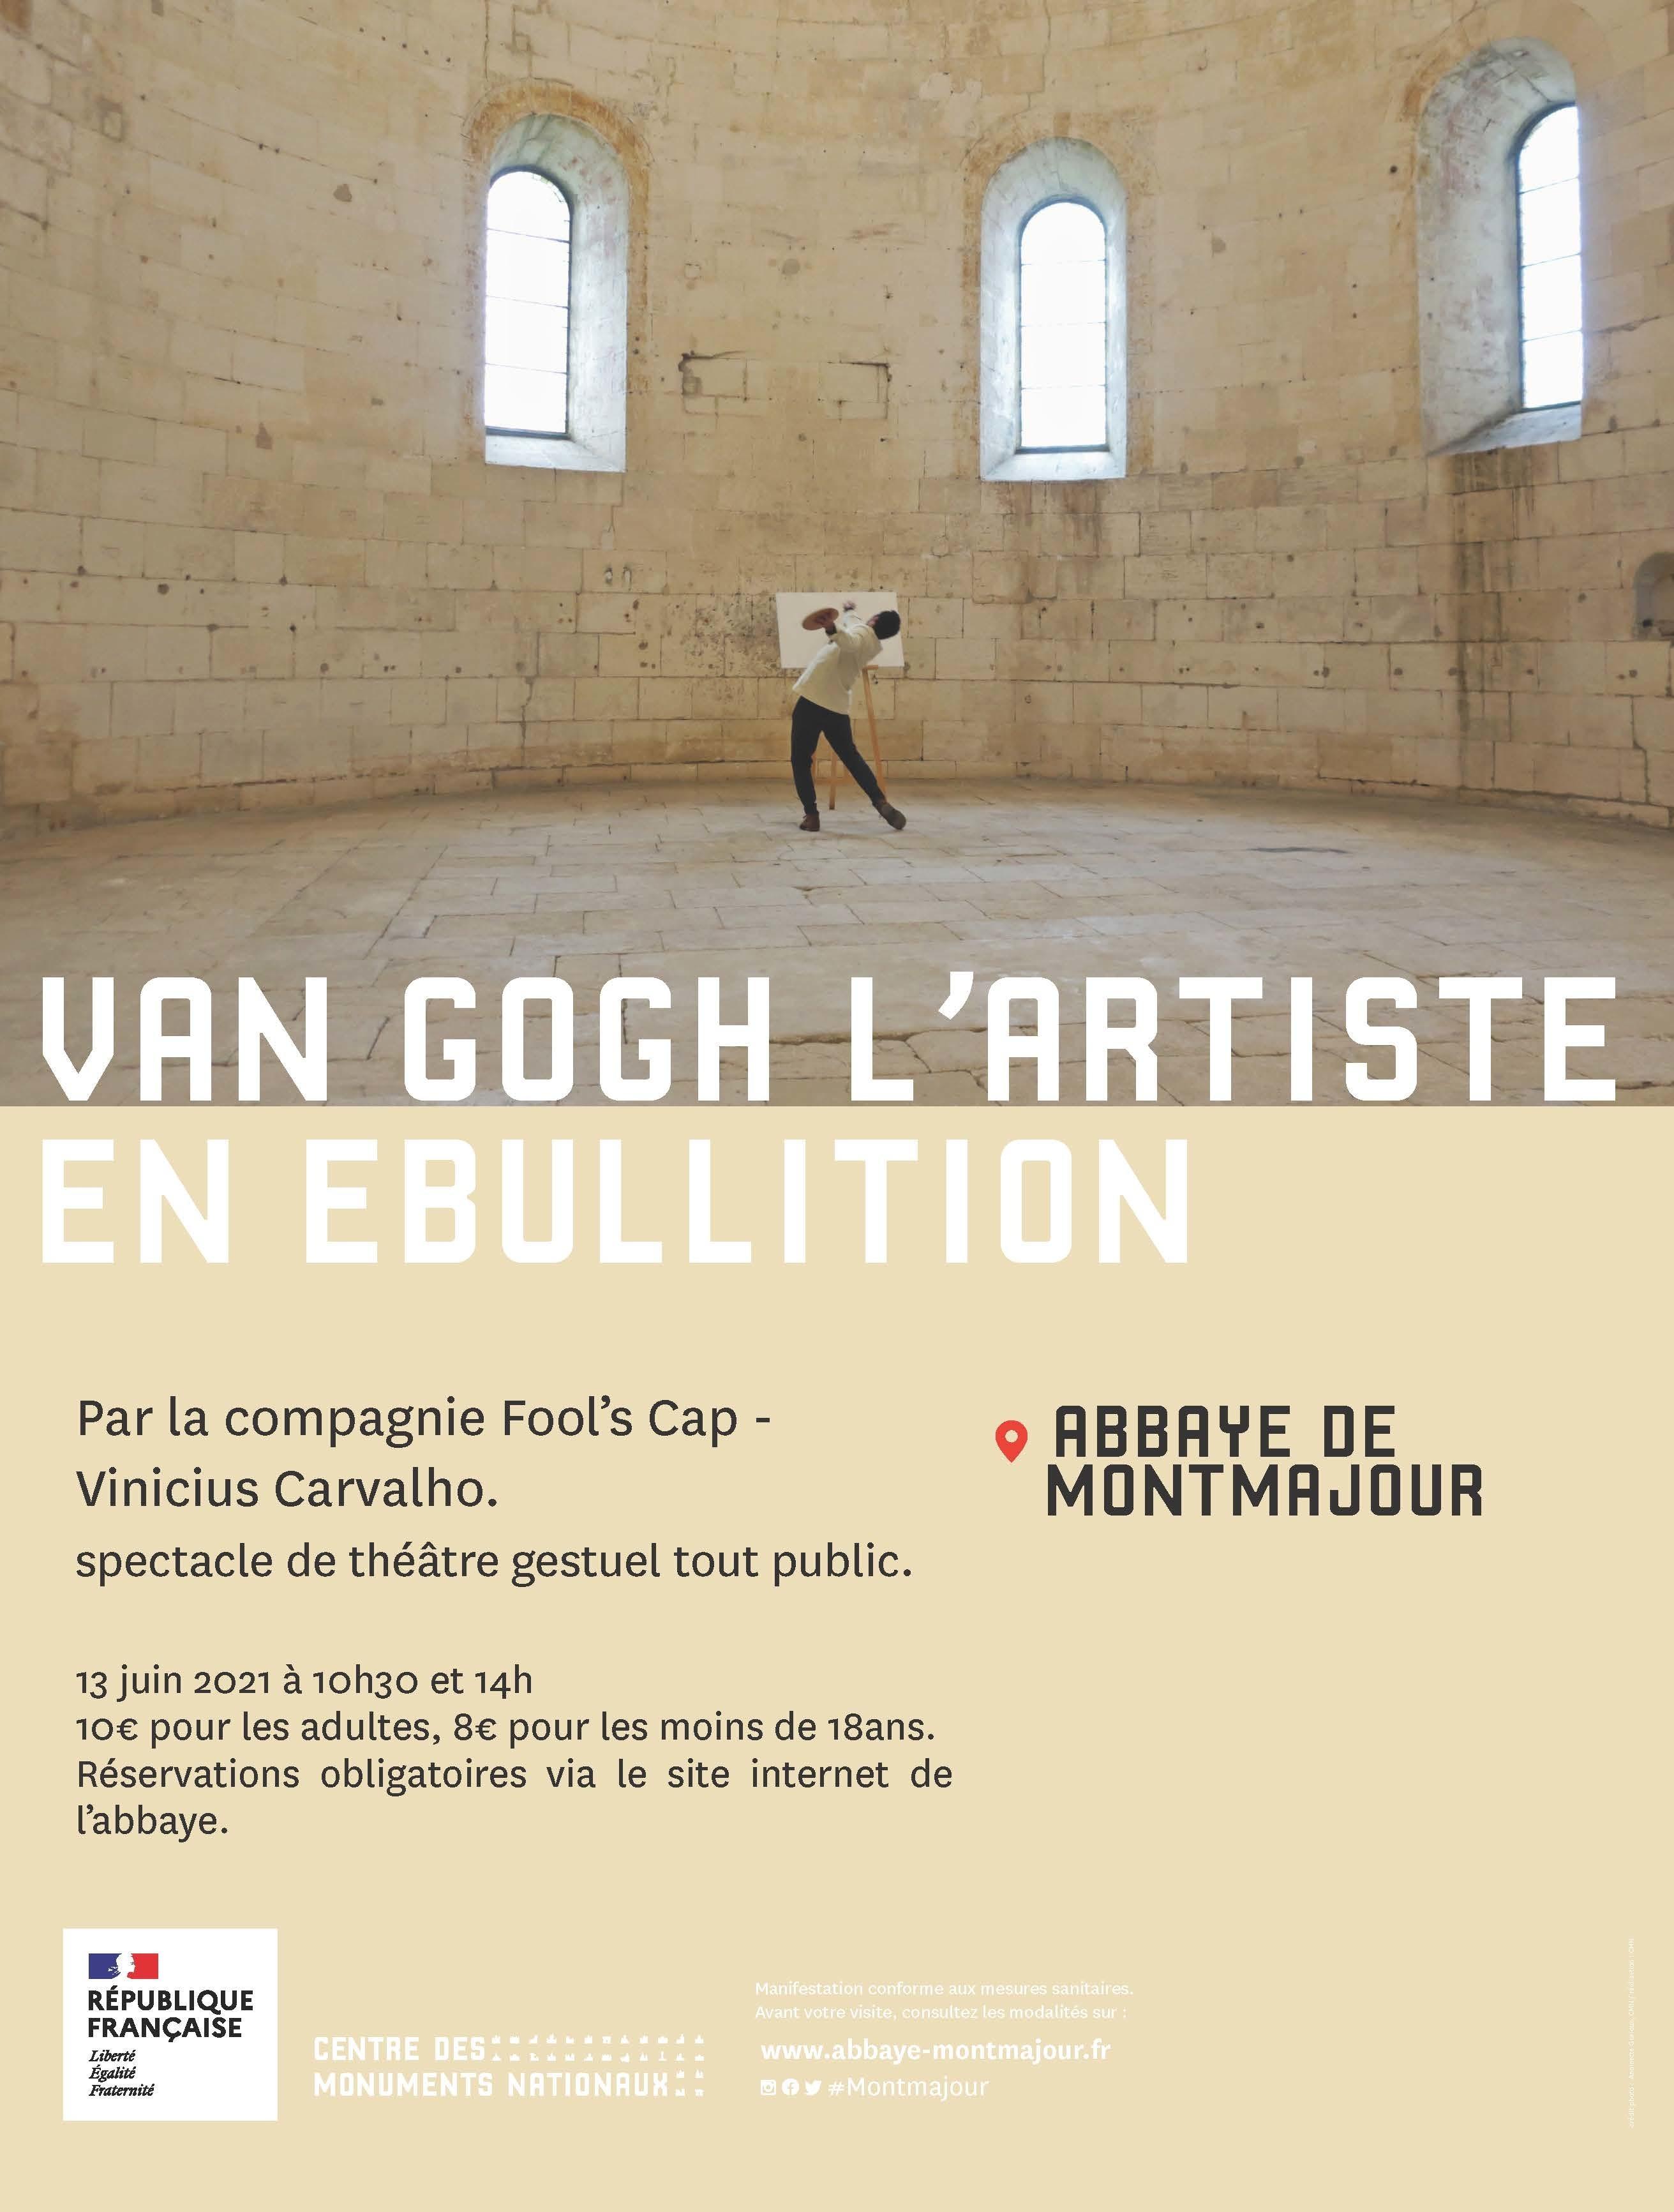 Partez sur les pas de Van Gogh à Montmajour à travers une visite déambulatoire musicale. Cette visite contée sera proposée par la compagnie Fool's Cap Vinicius.